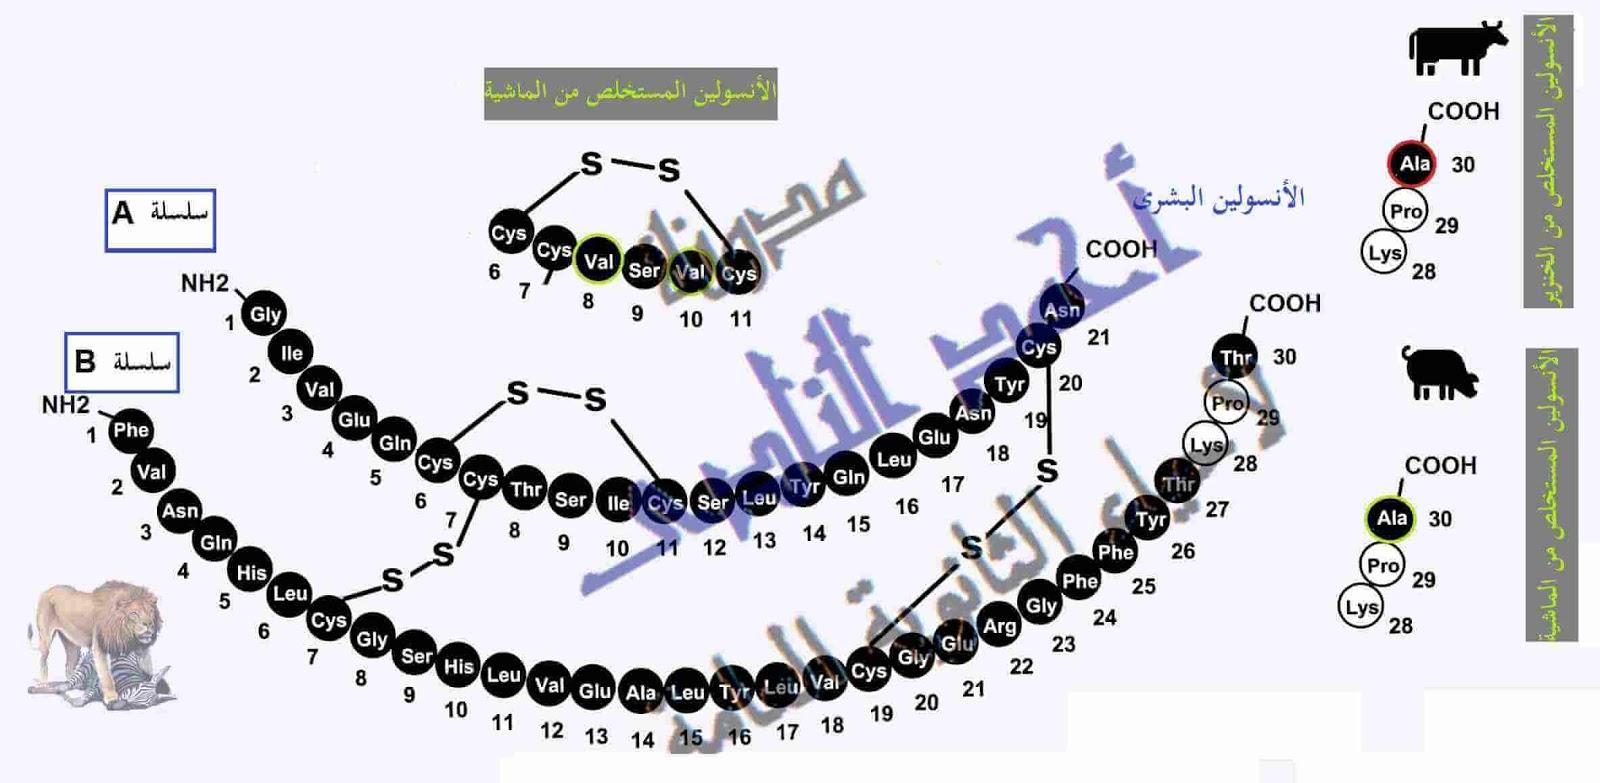 أحياء الثانوية  العامة - تقنيات التكنولوجيا الجزيئية ( الهندسة الوراثية ) - تقنية DNA معاد الإتحاد -  الأنسولين